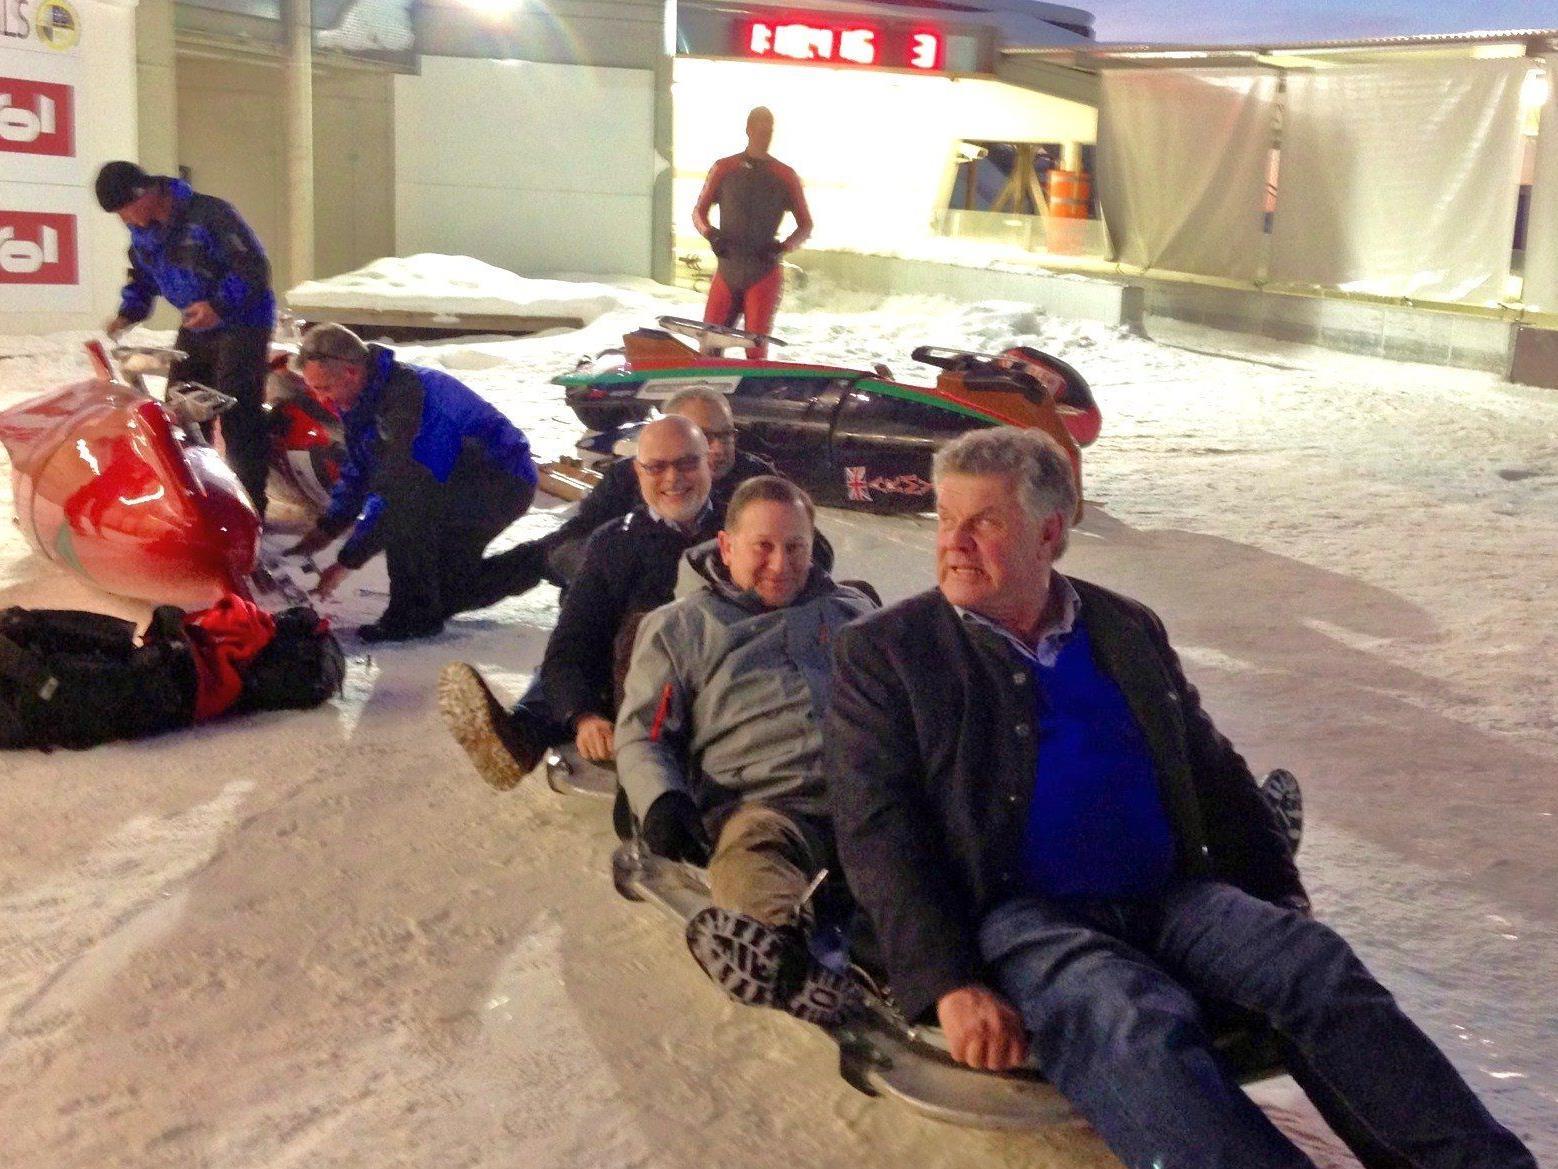 Heiß aufs Eis im Wok war die Bludenzer Delegation in Igls.